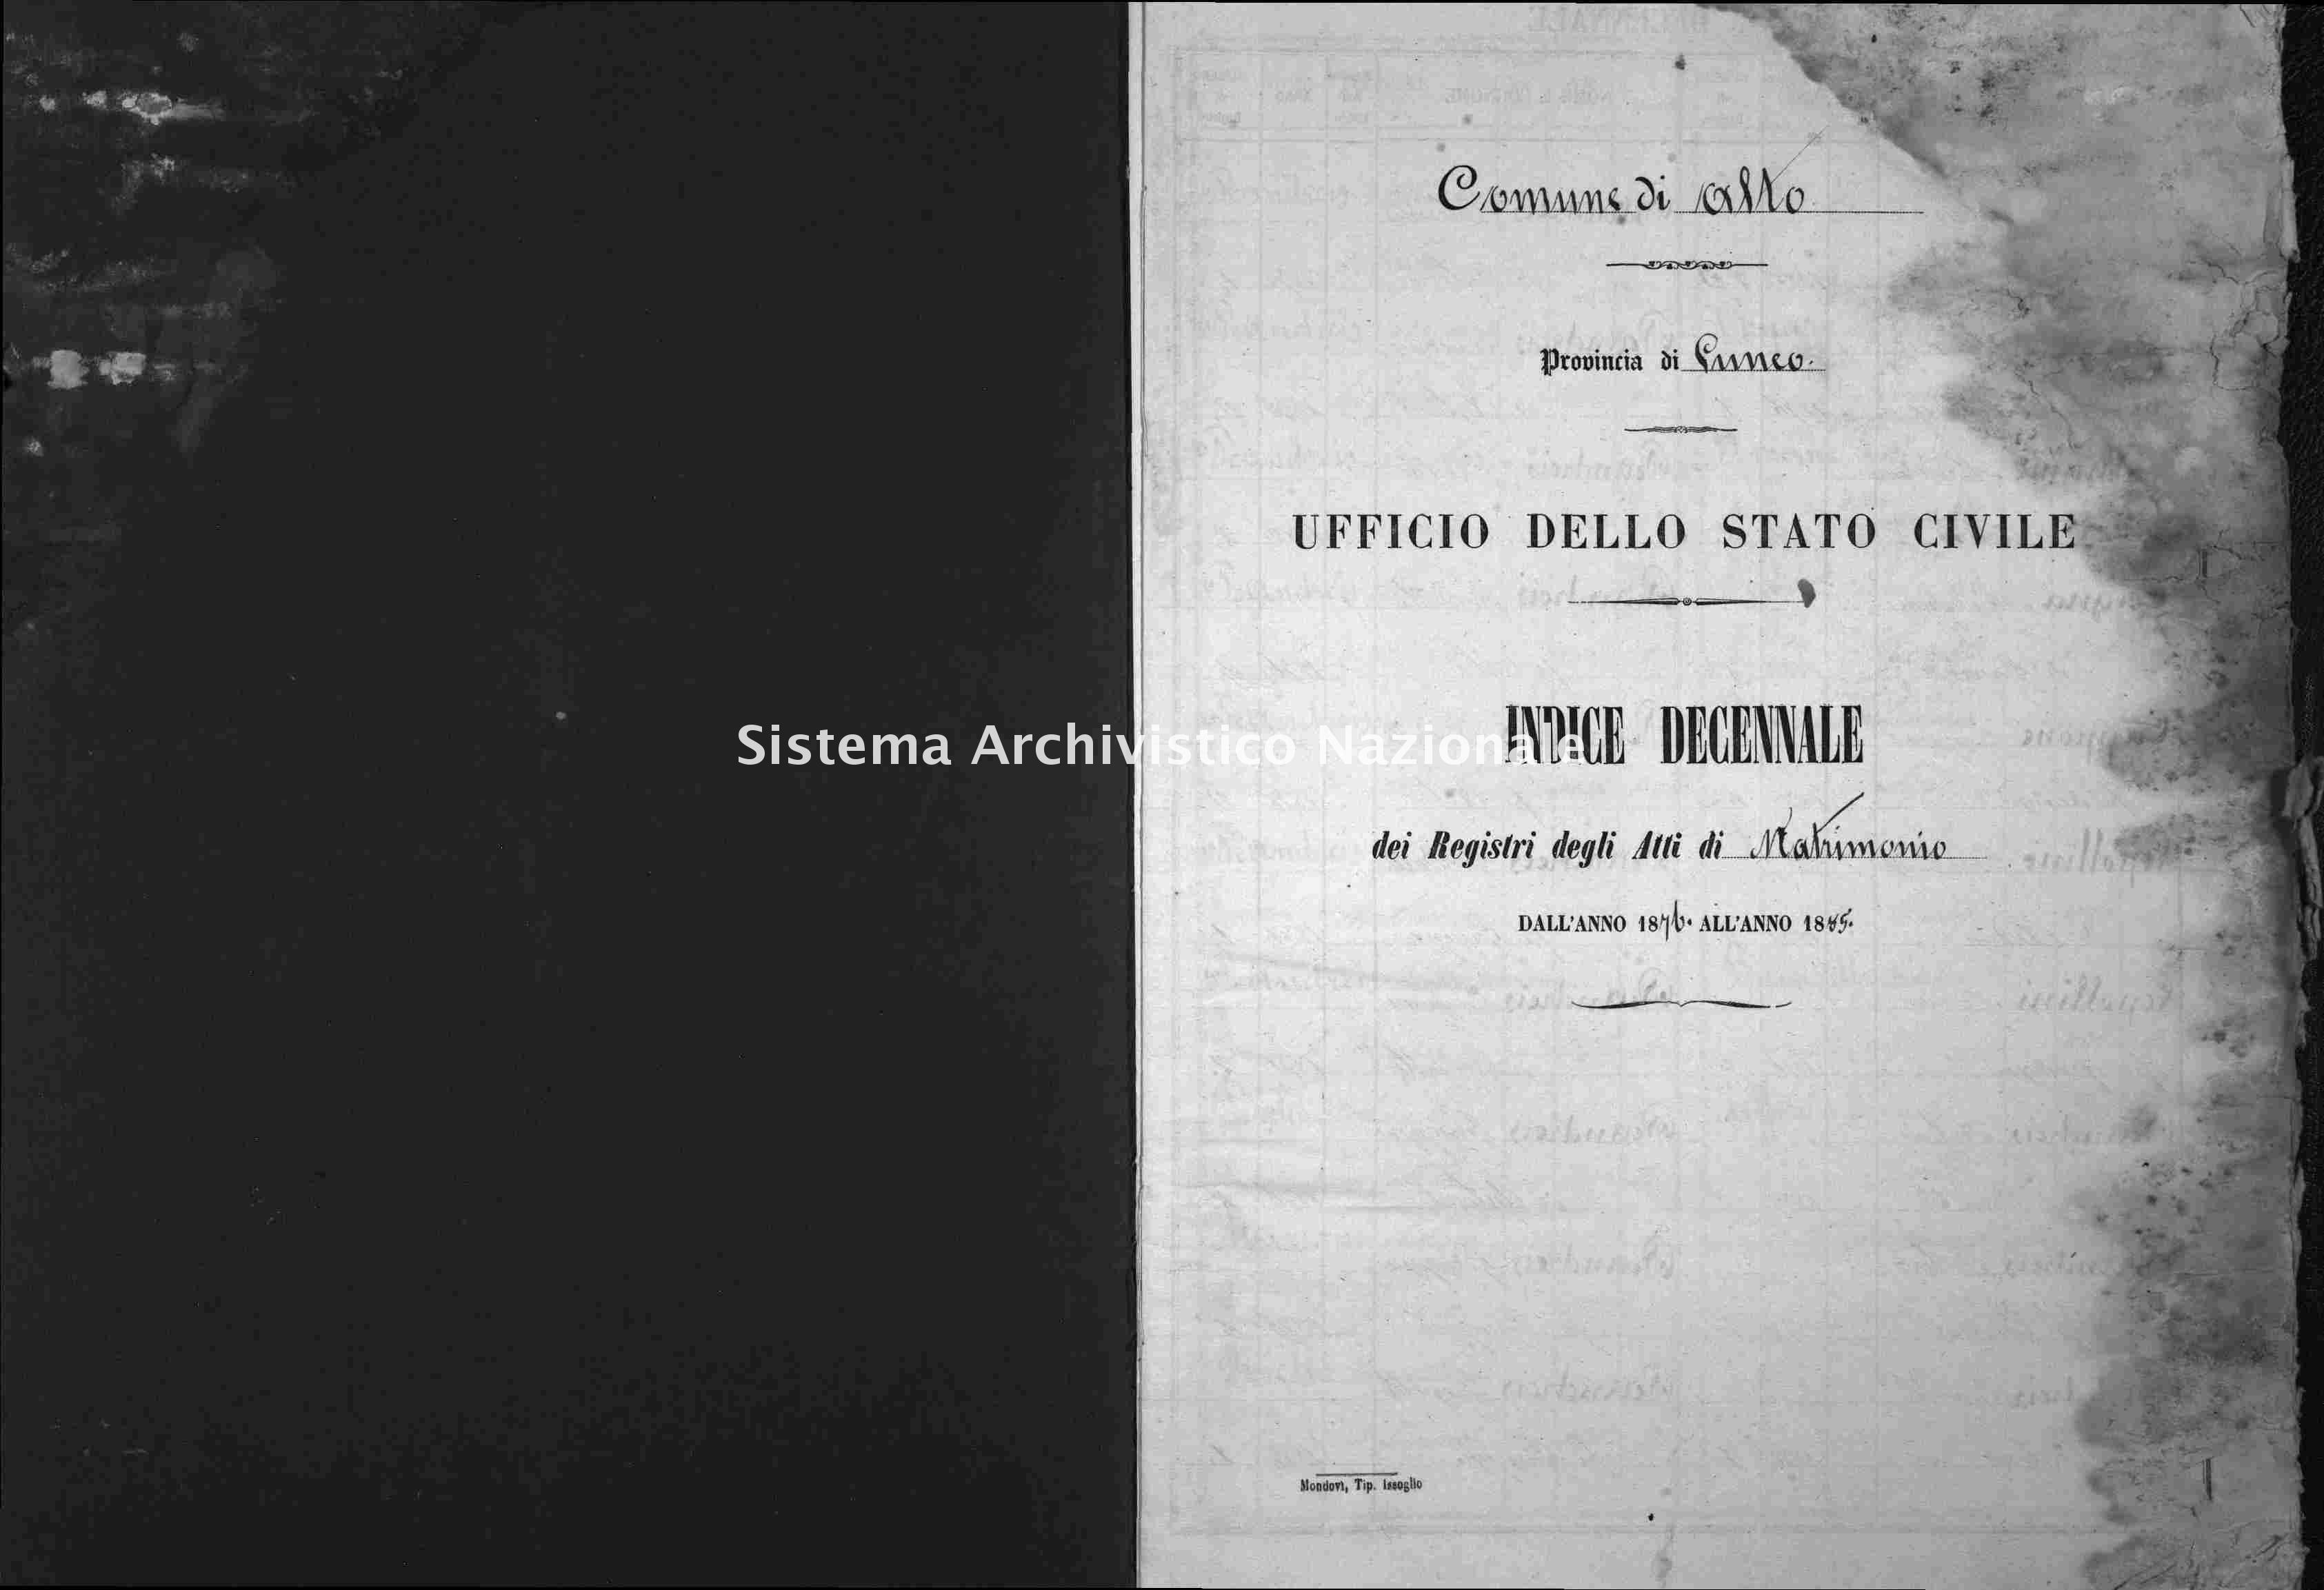 Archivio di stato di Cuneo - Stato civile italiano - Alto - Matrimoni, indici decennali - 1876-1885 -